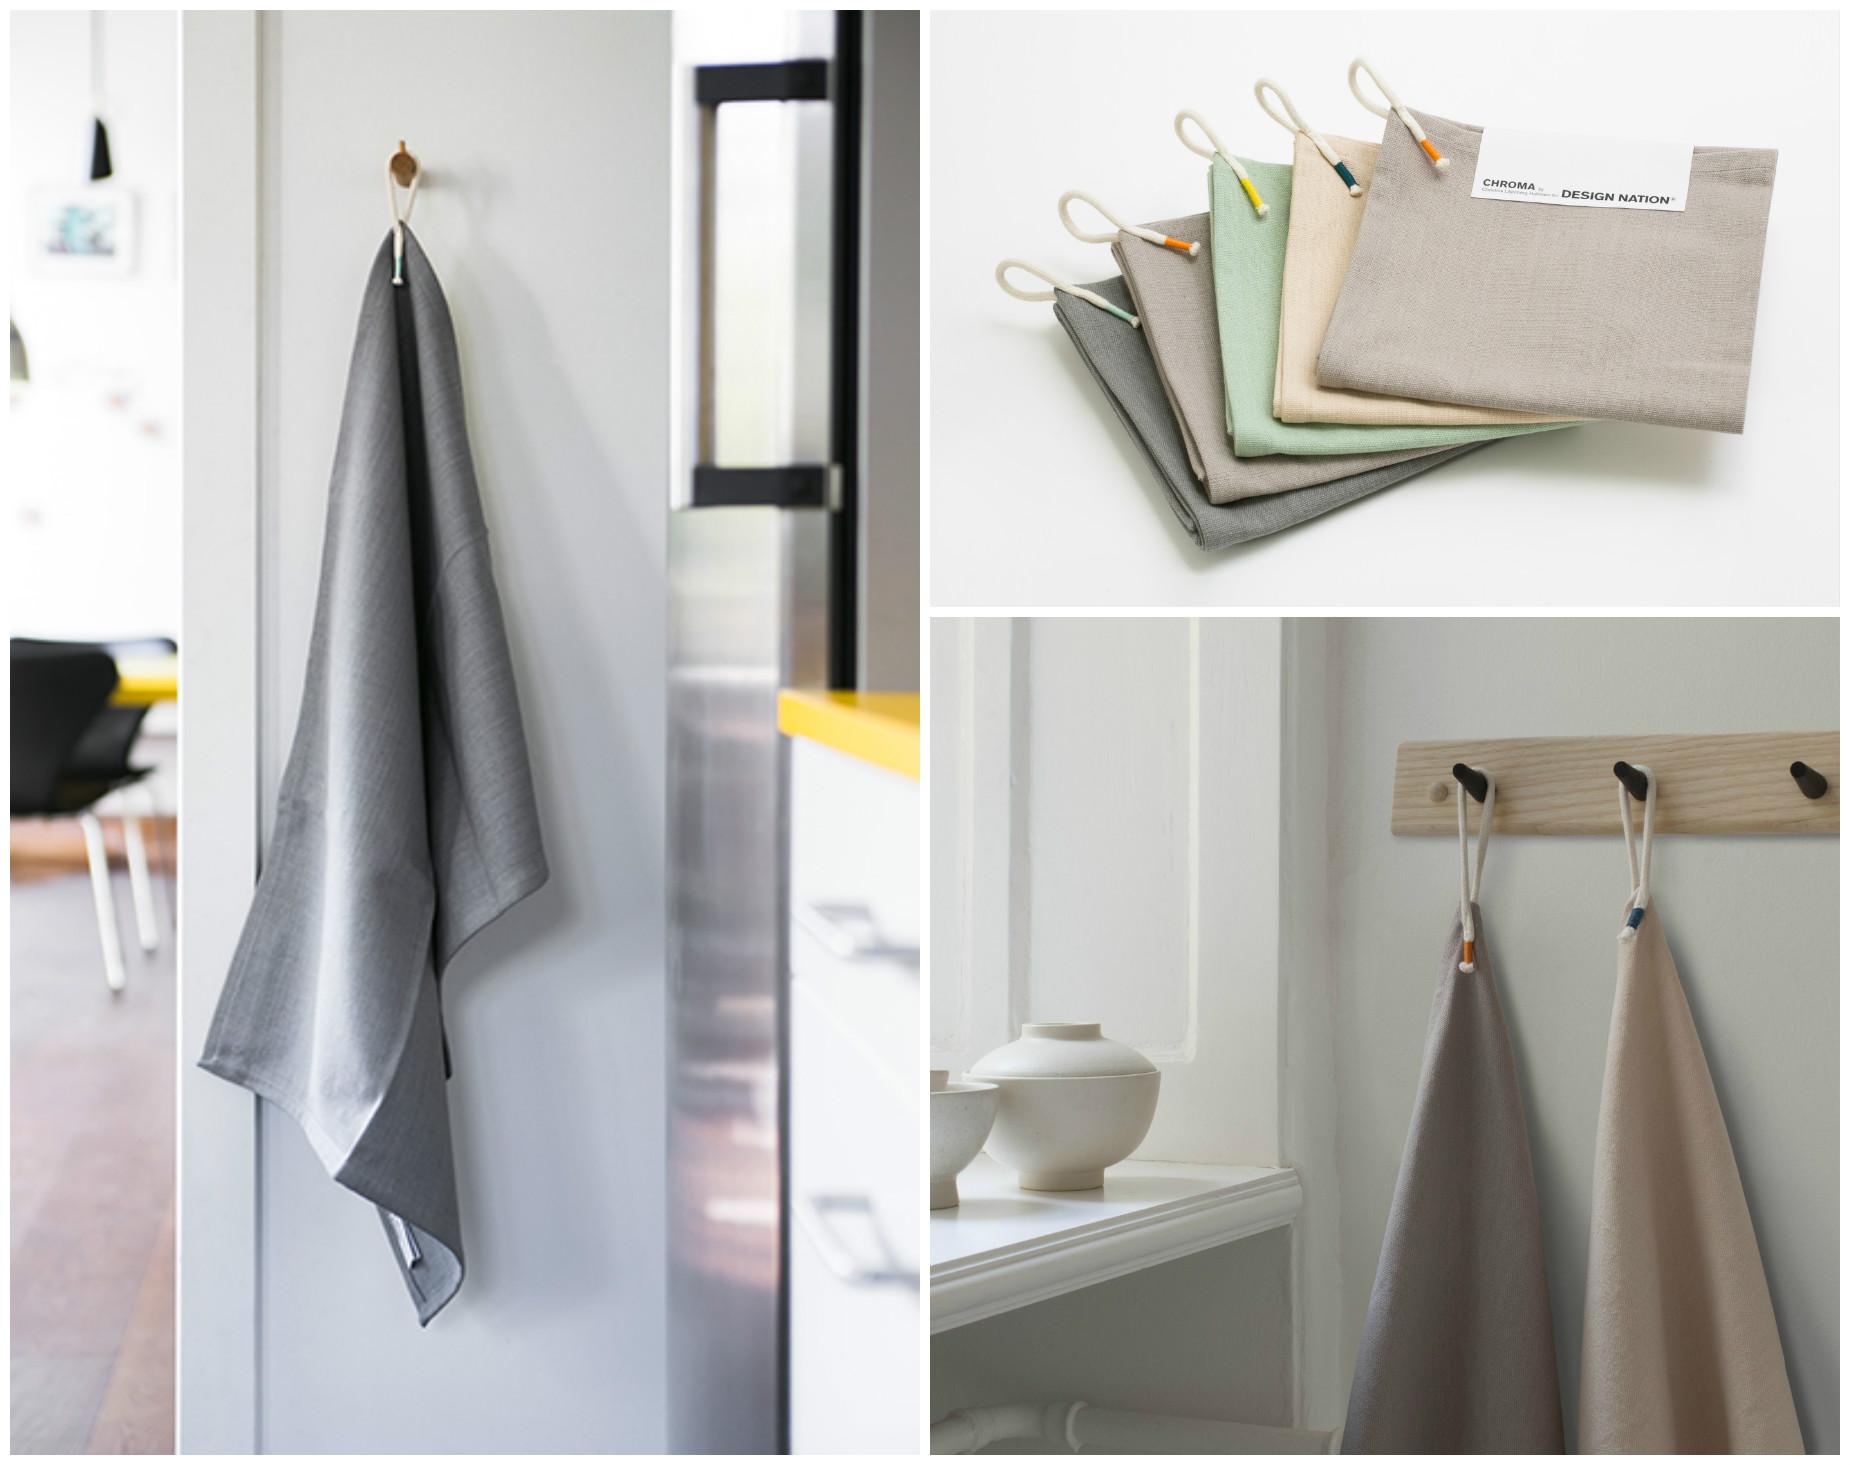 Lieblingsstücke für die Küche: Chroma Tea Towels von DESIGN NATION ...